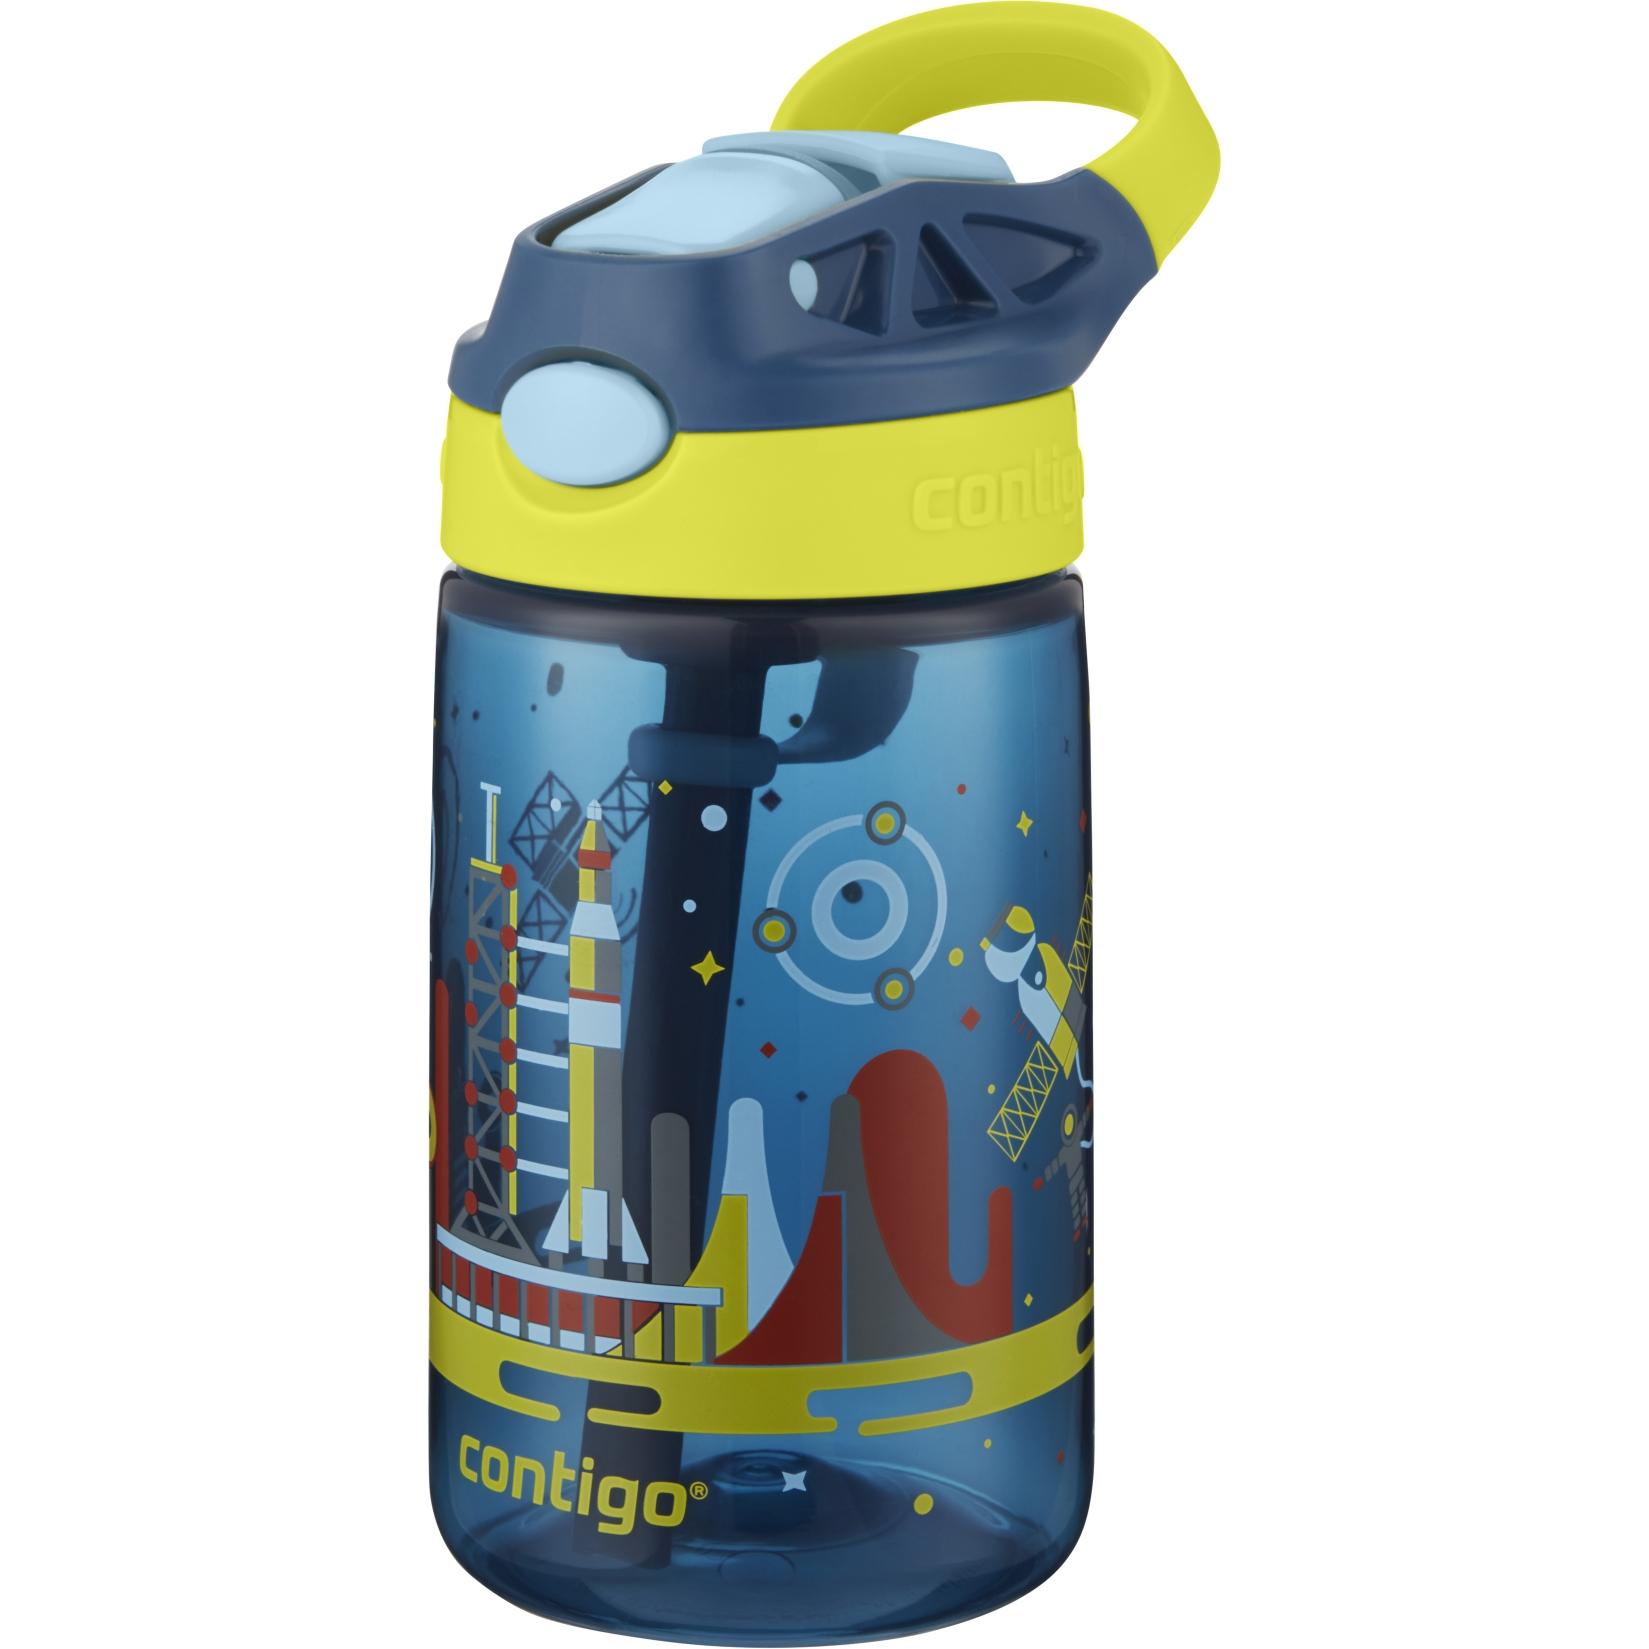 Contigo Gizmo Flip Water Bottle 420ml - nautical space